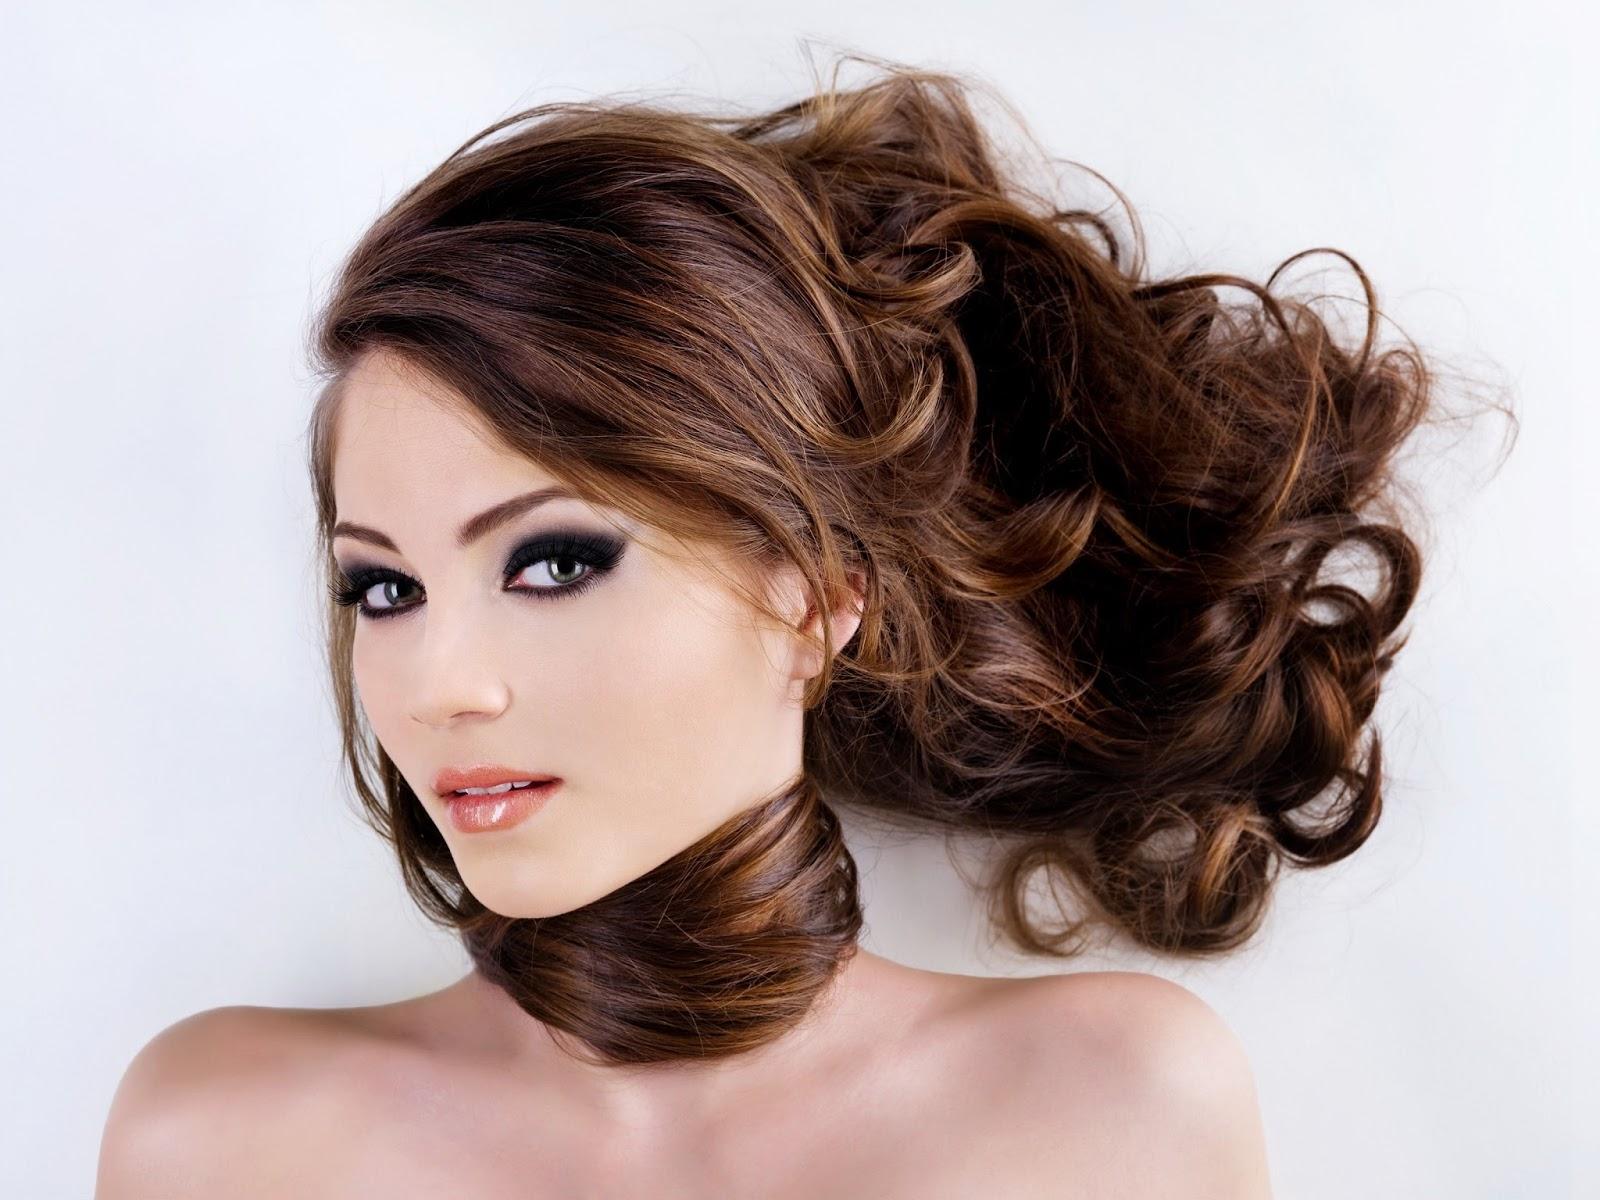 Gội đầu đúng cách bảo vệ mái tóc của bạn